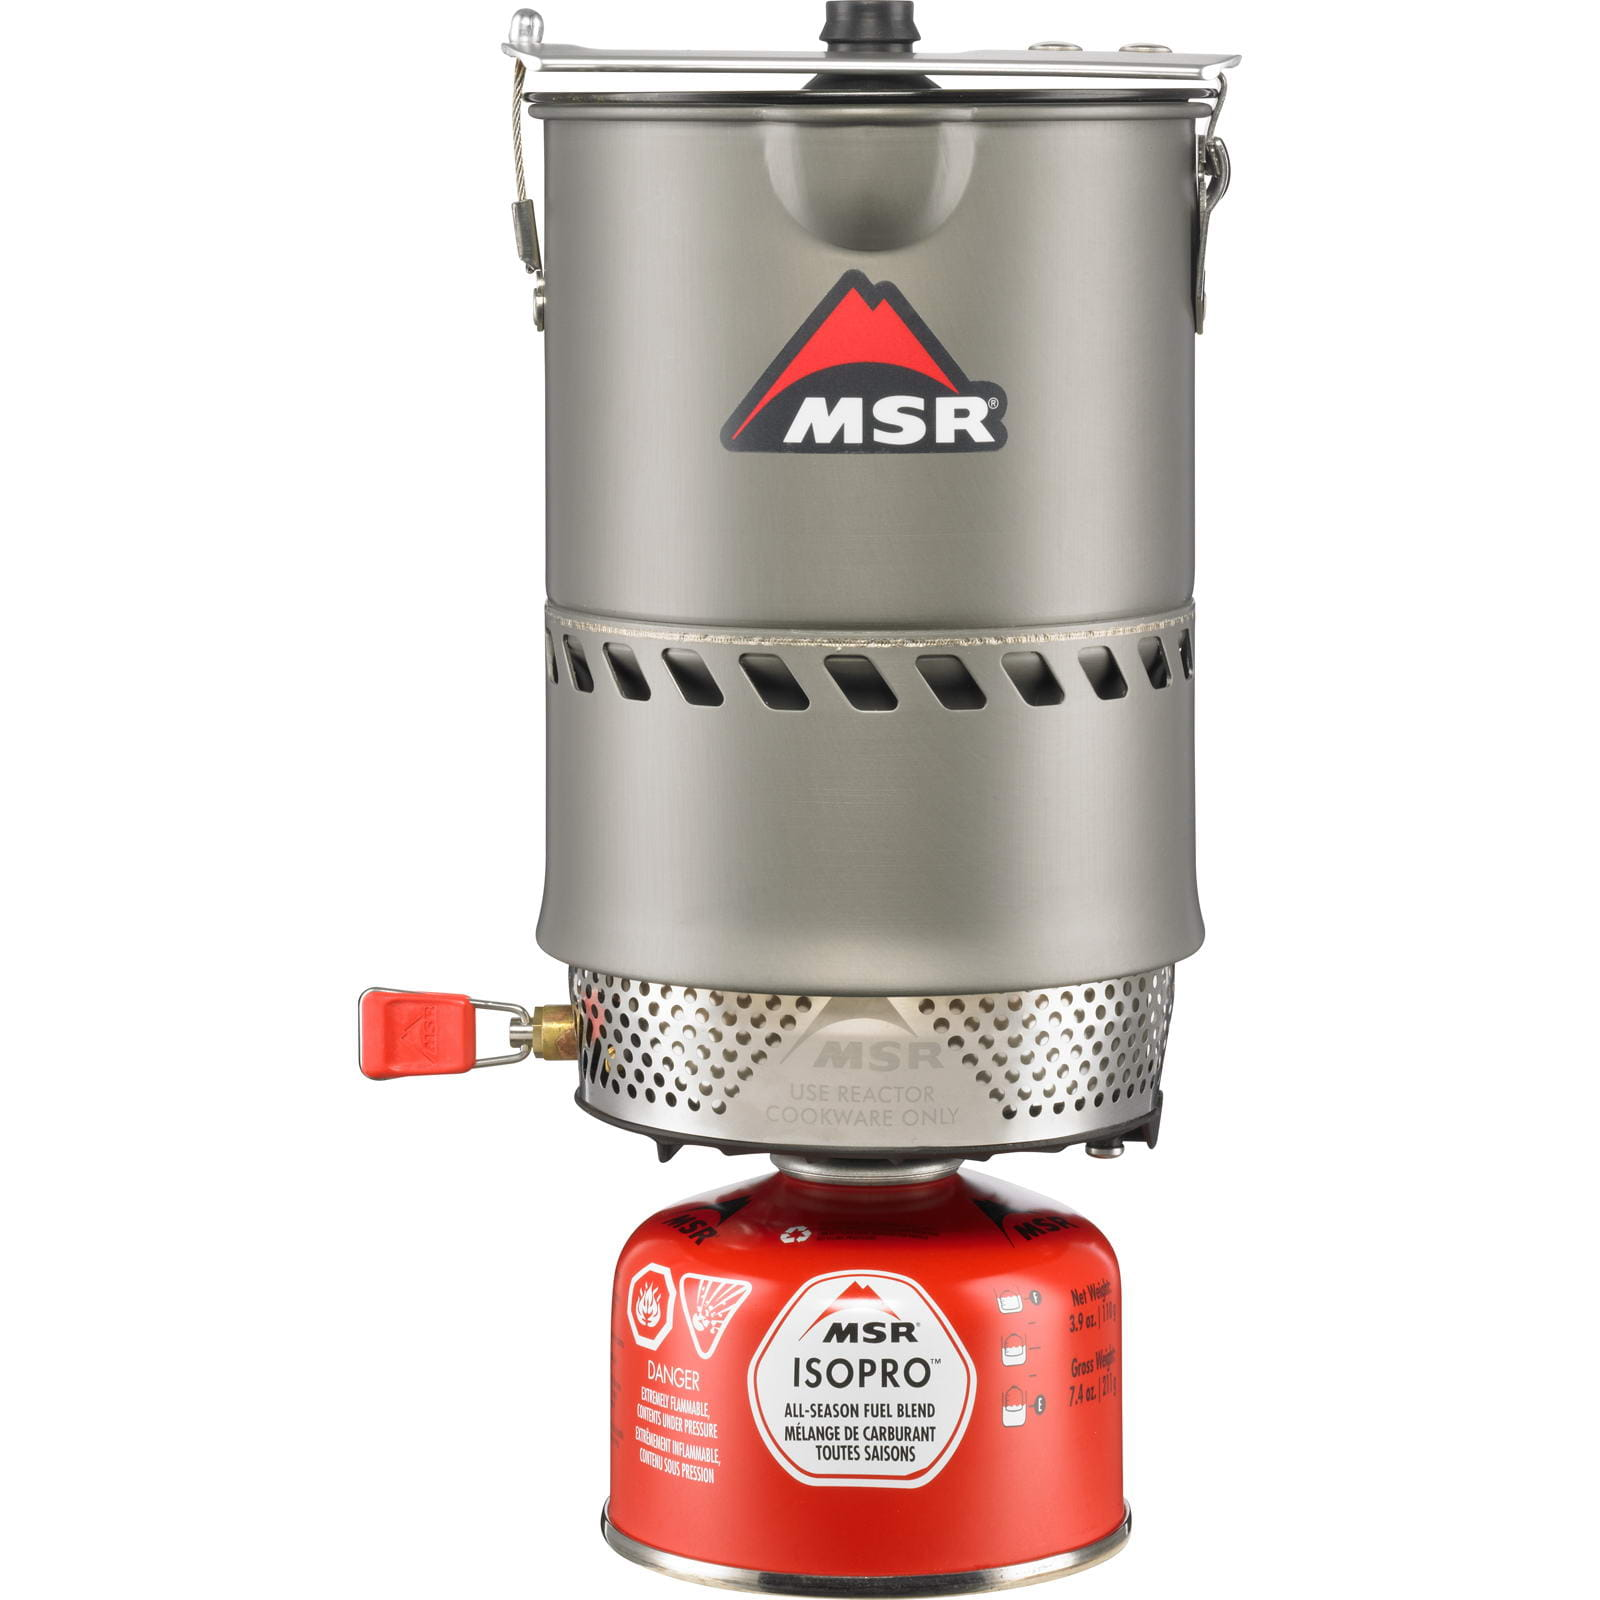 MSR Reactor® 1.0L Stove System - Kochersystem - Bild 3